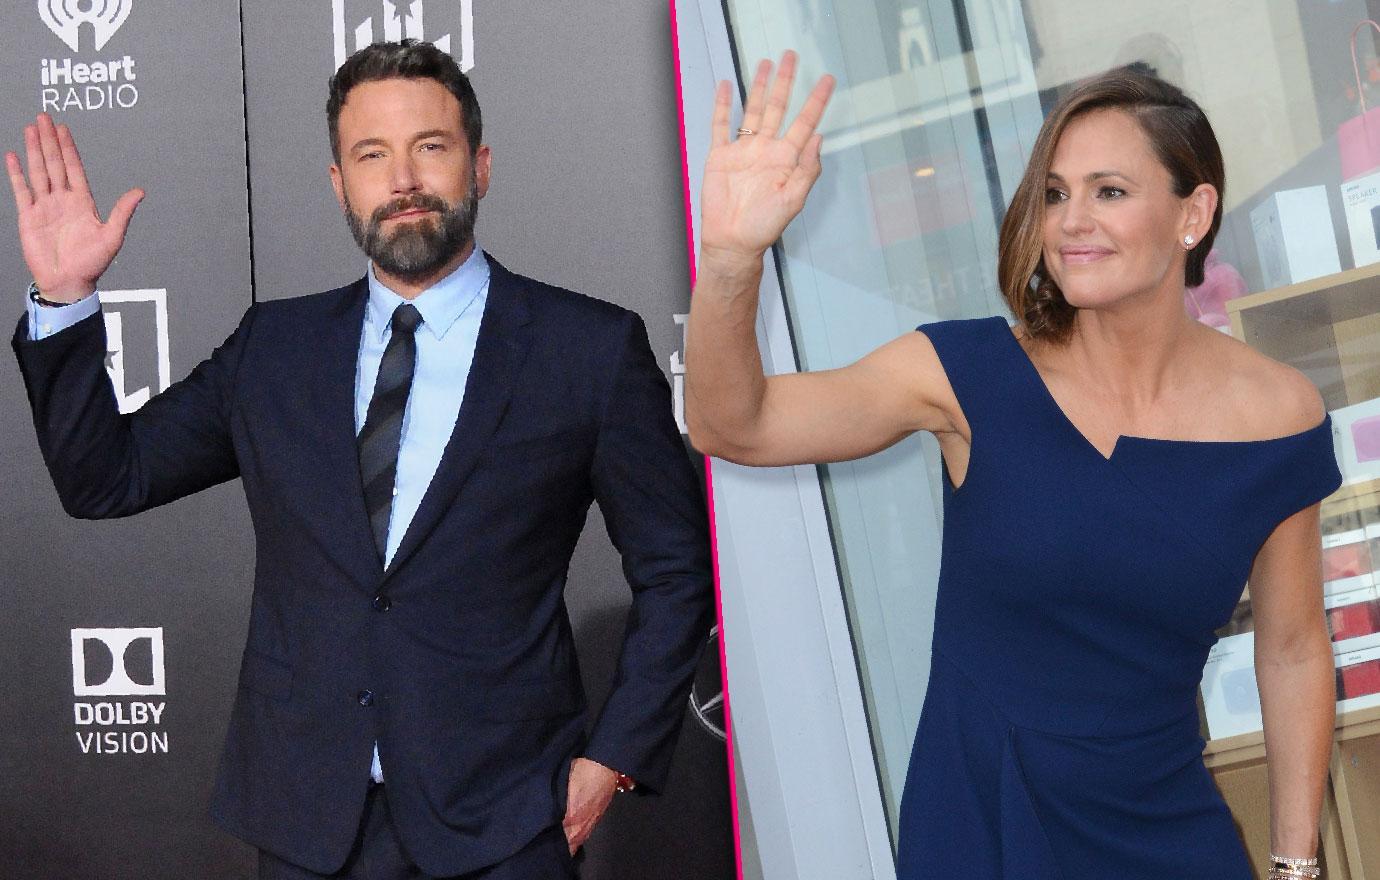 Ben Affleck And Jennifer Garner Divorce Is Final After His Rehab